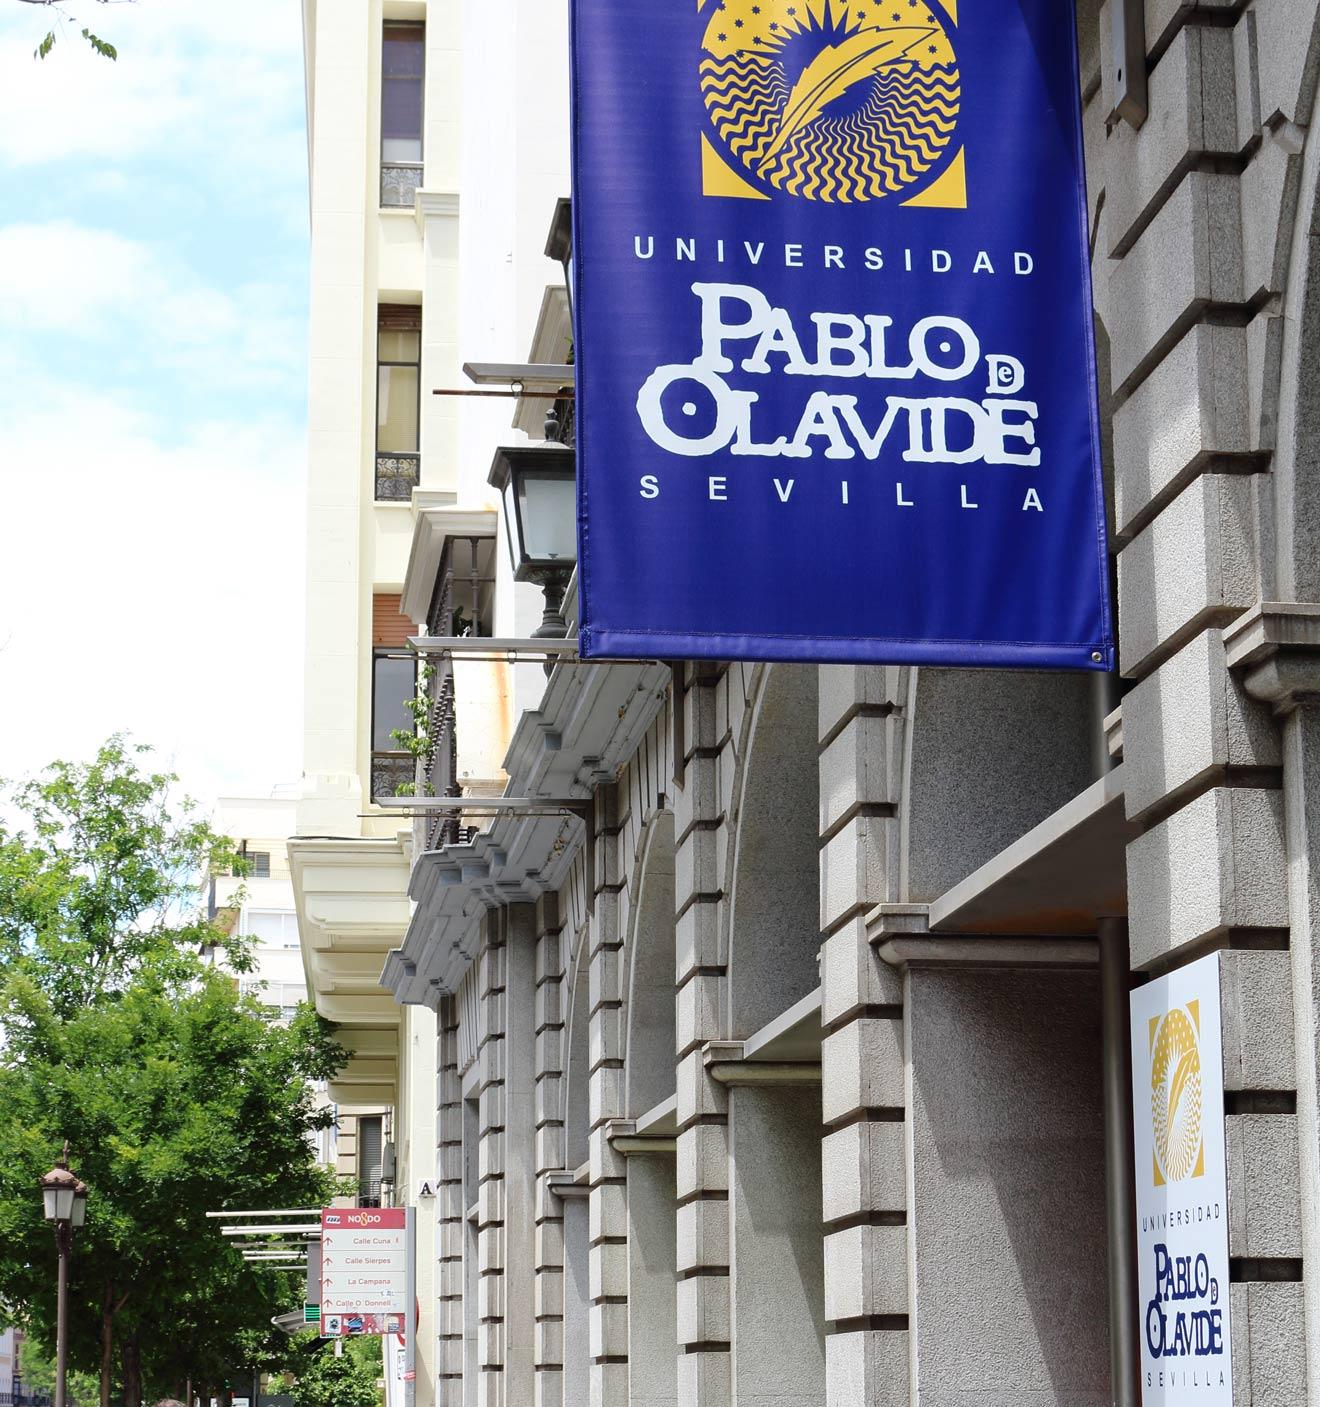 Nueva sede de la Olavide en el centro de Sevilla /UPO